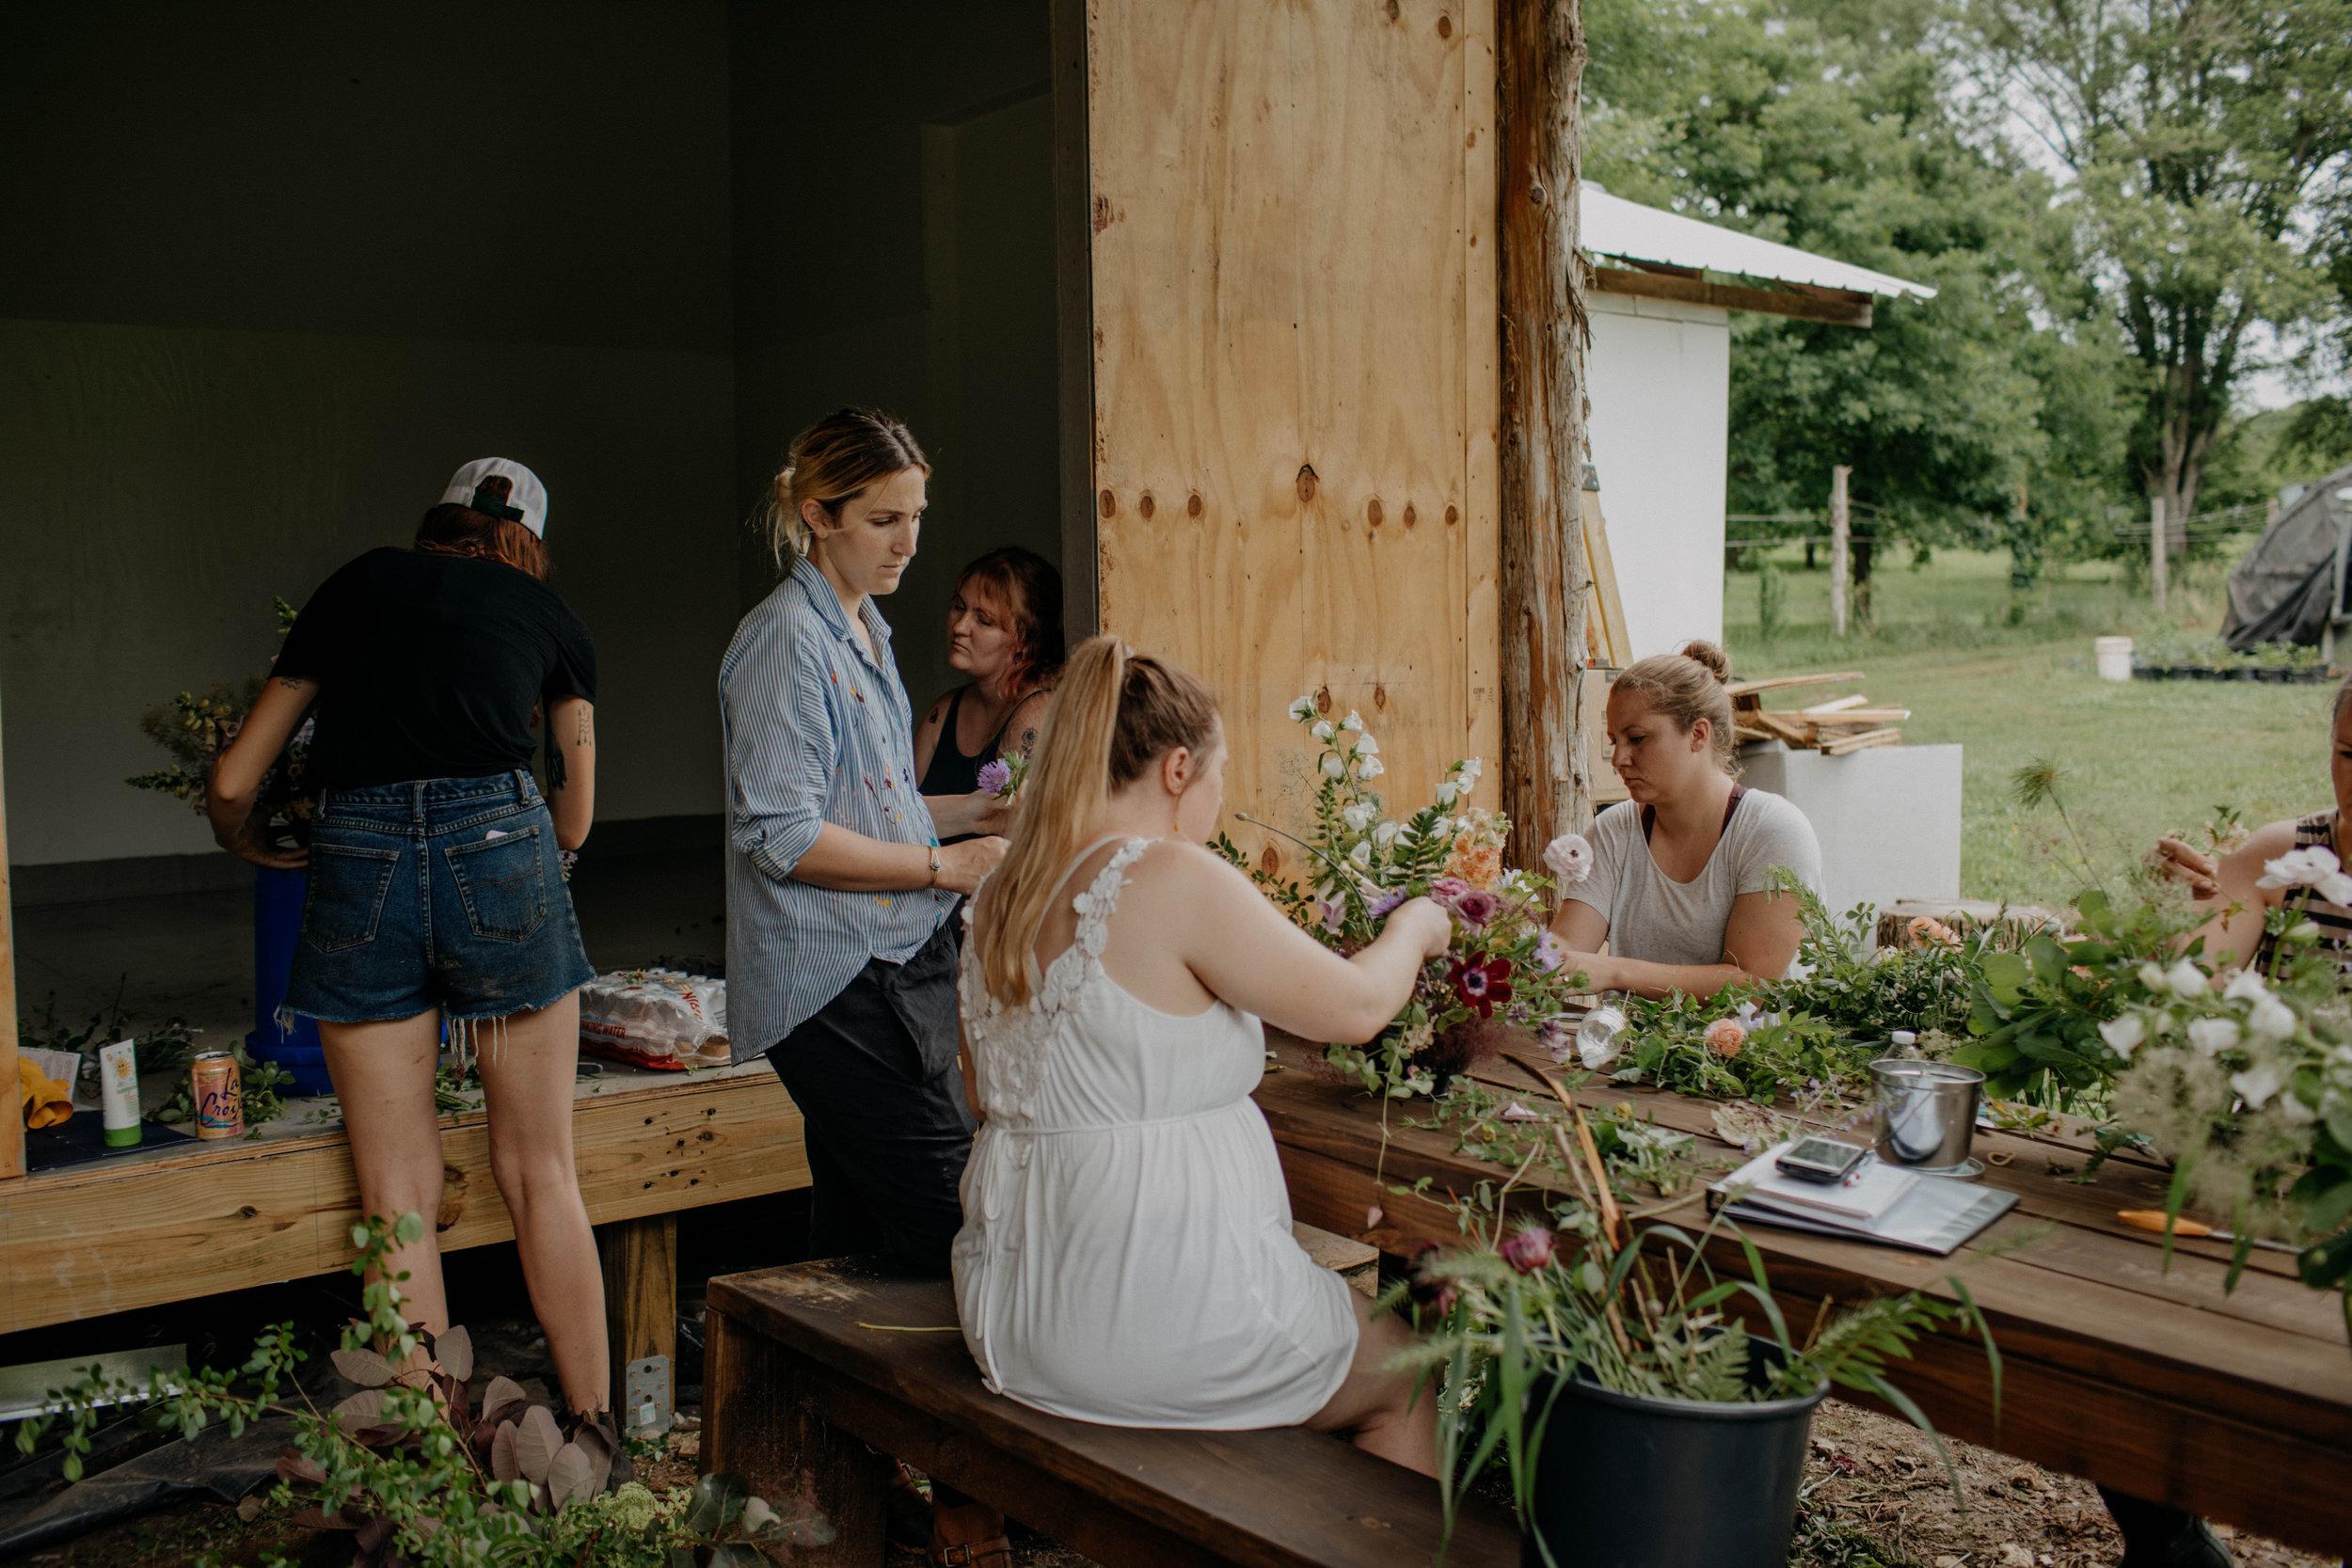 nashville floral workshop nashville tennessee wedding photographer65.jpg